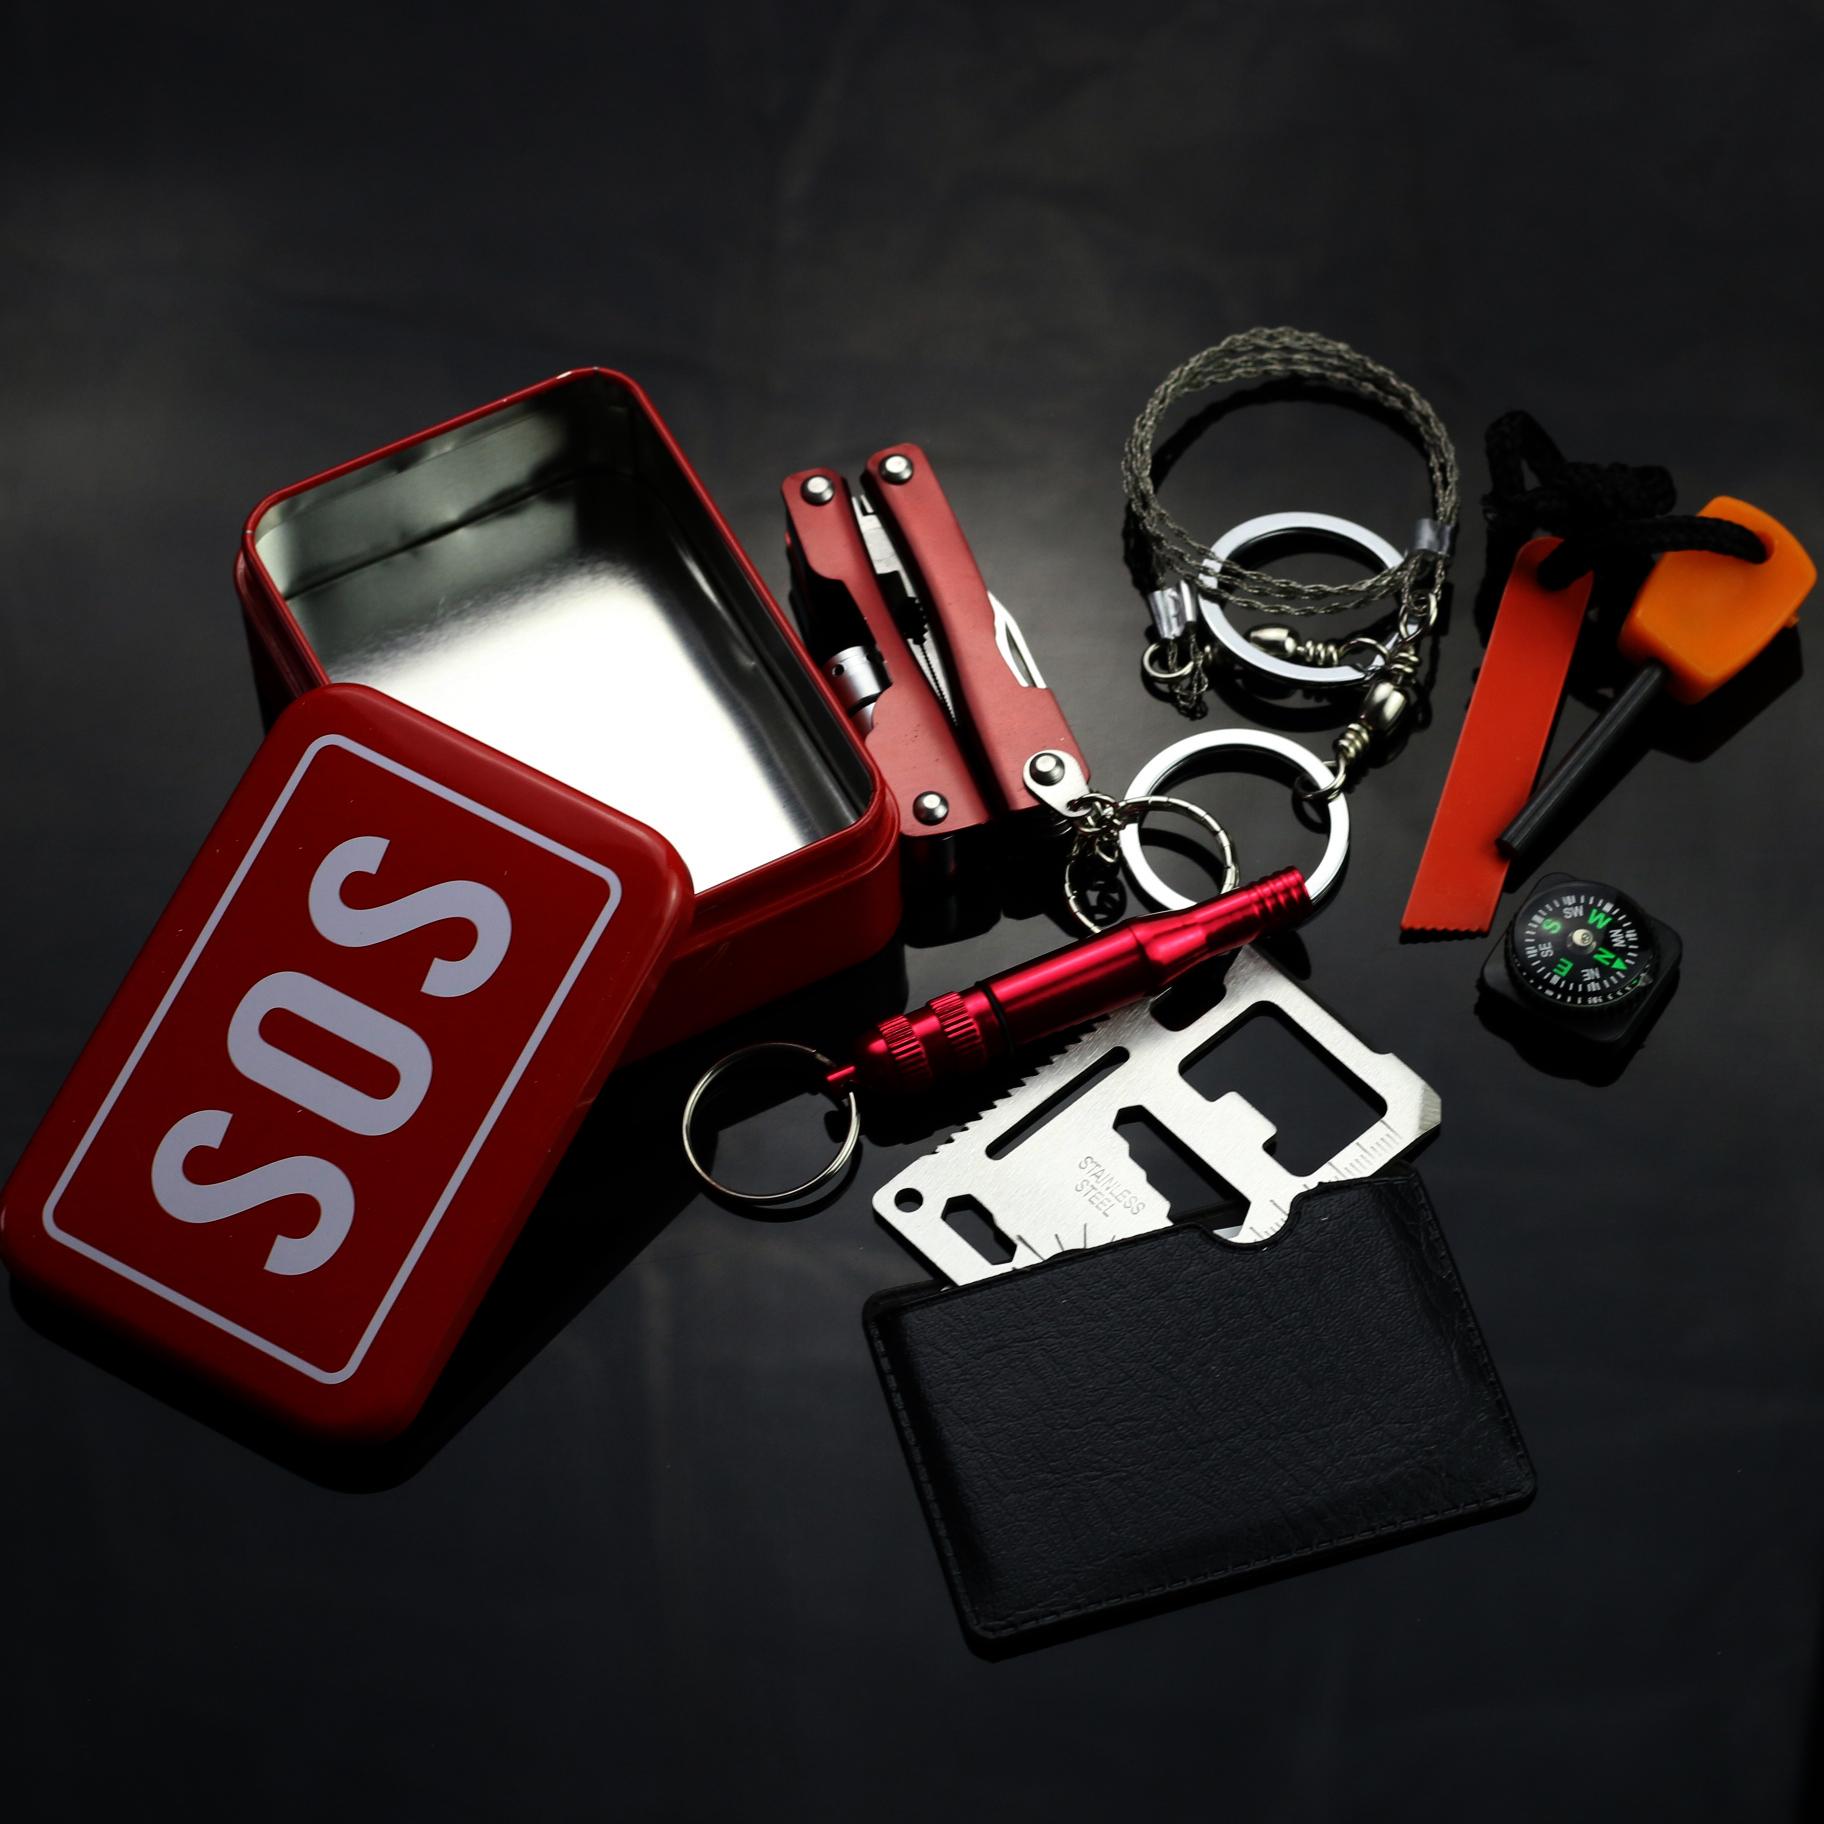 野外生存装备_sos急救盒野外生存工具多功能组合套装应急求生装备户外应急工具